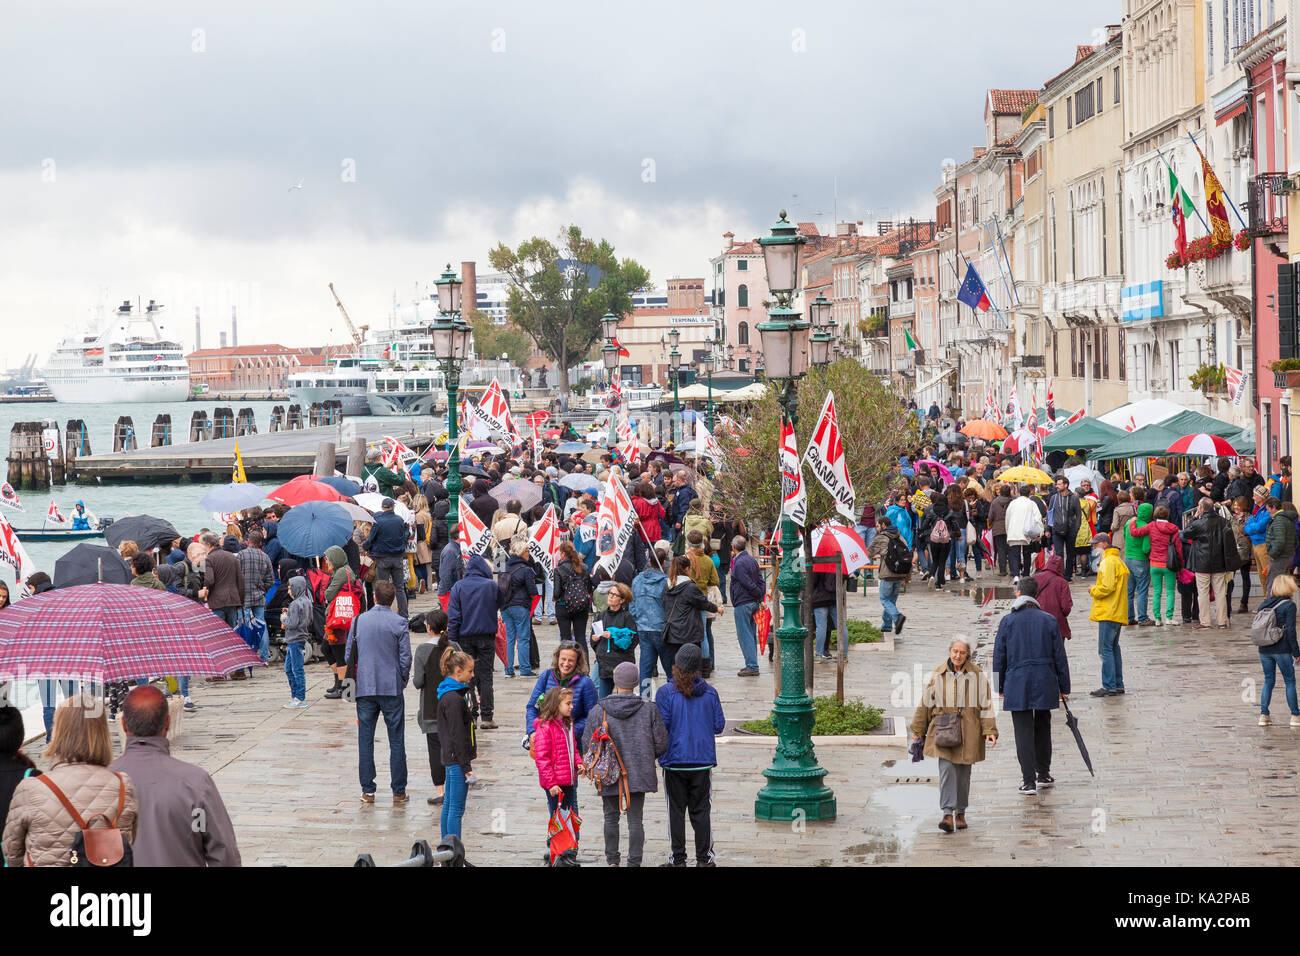 Venise, Vénétie, Italie. 24 septembre 2017. Les participants au pas Grandi Navi, ou pas de gros navires, Photo Stock